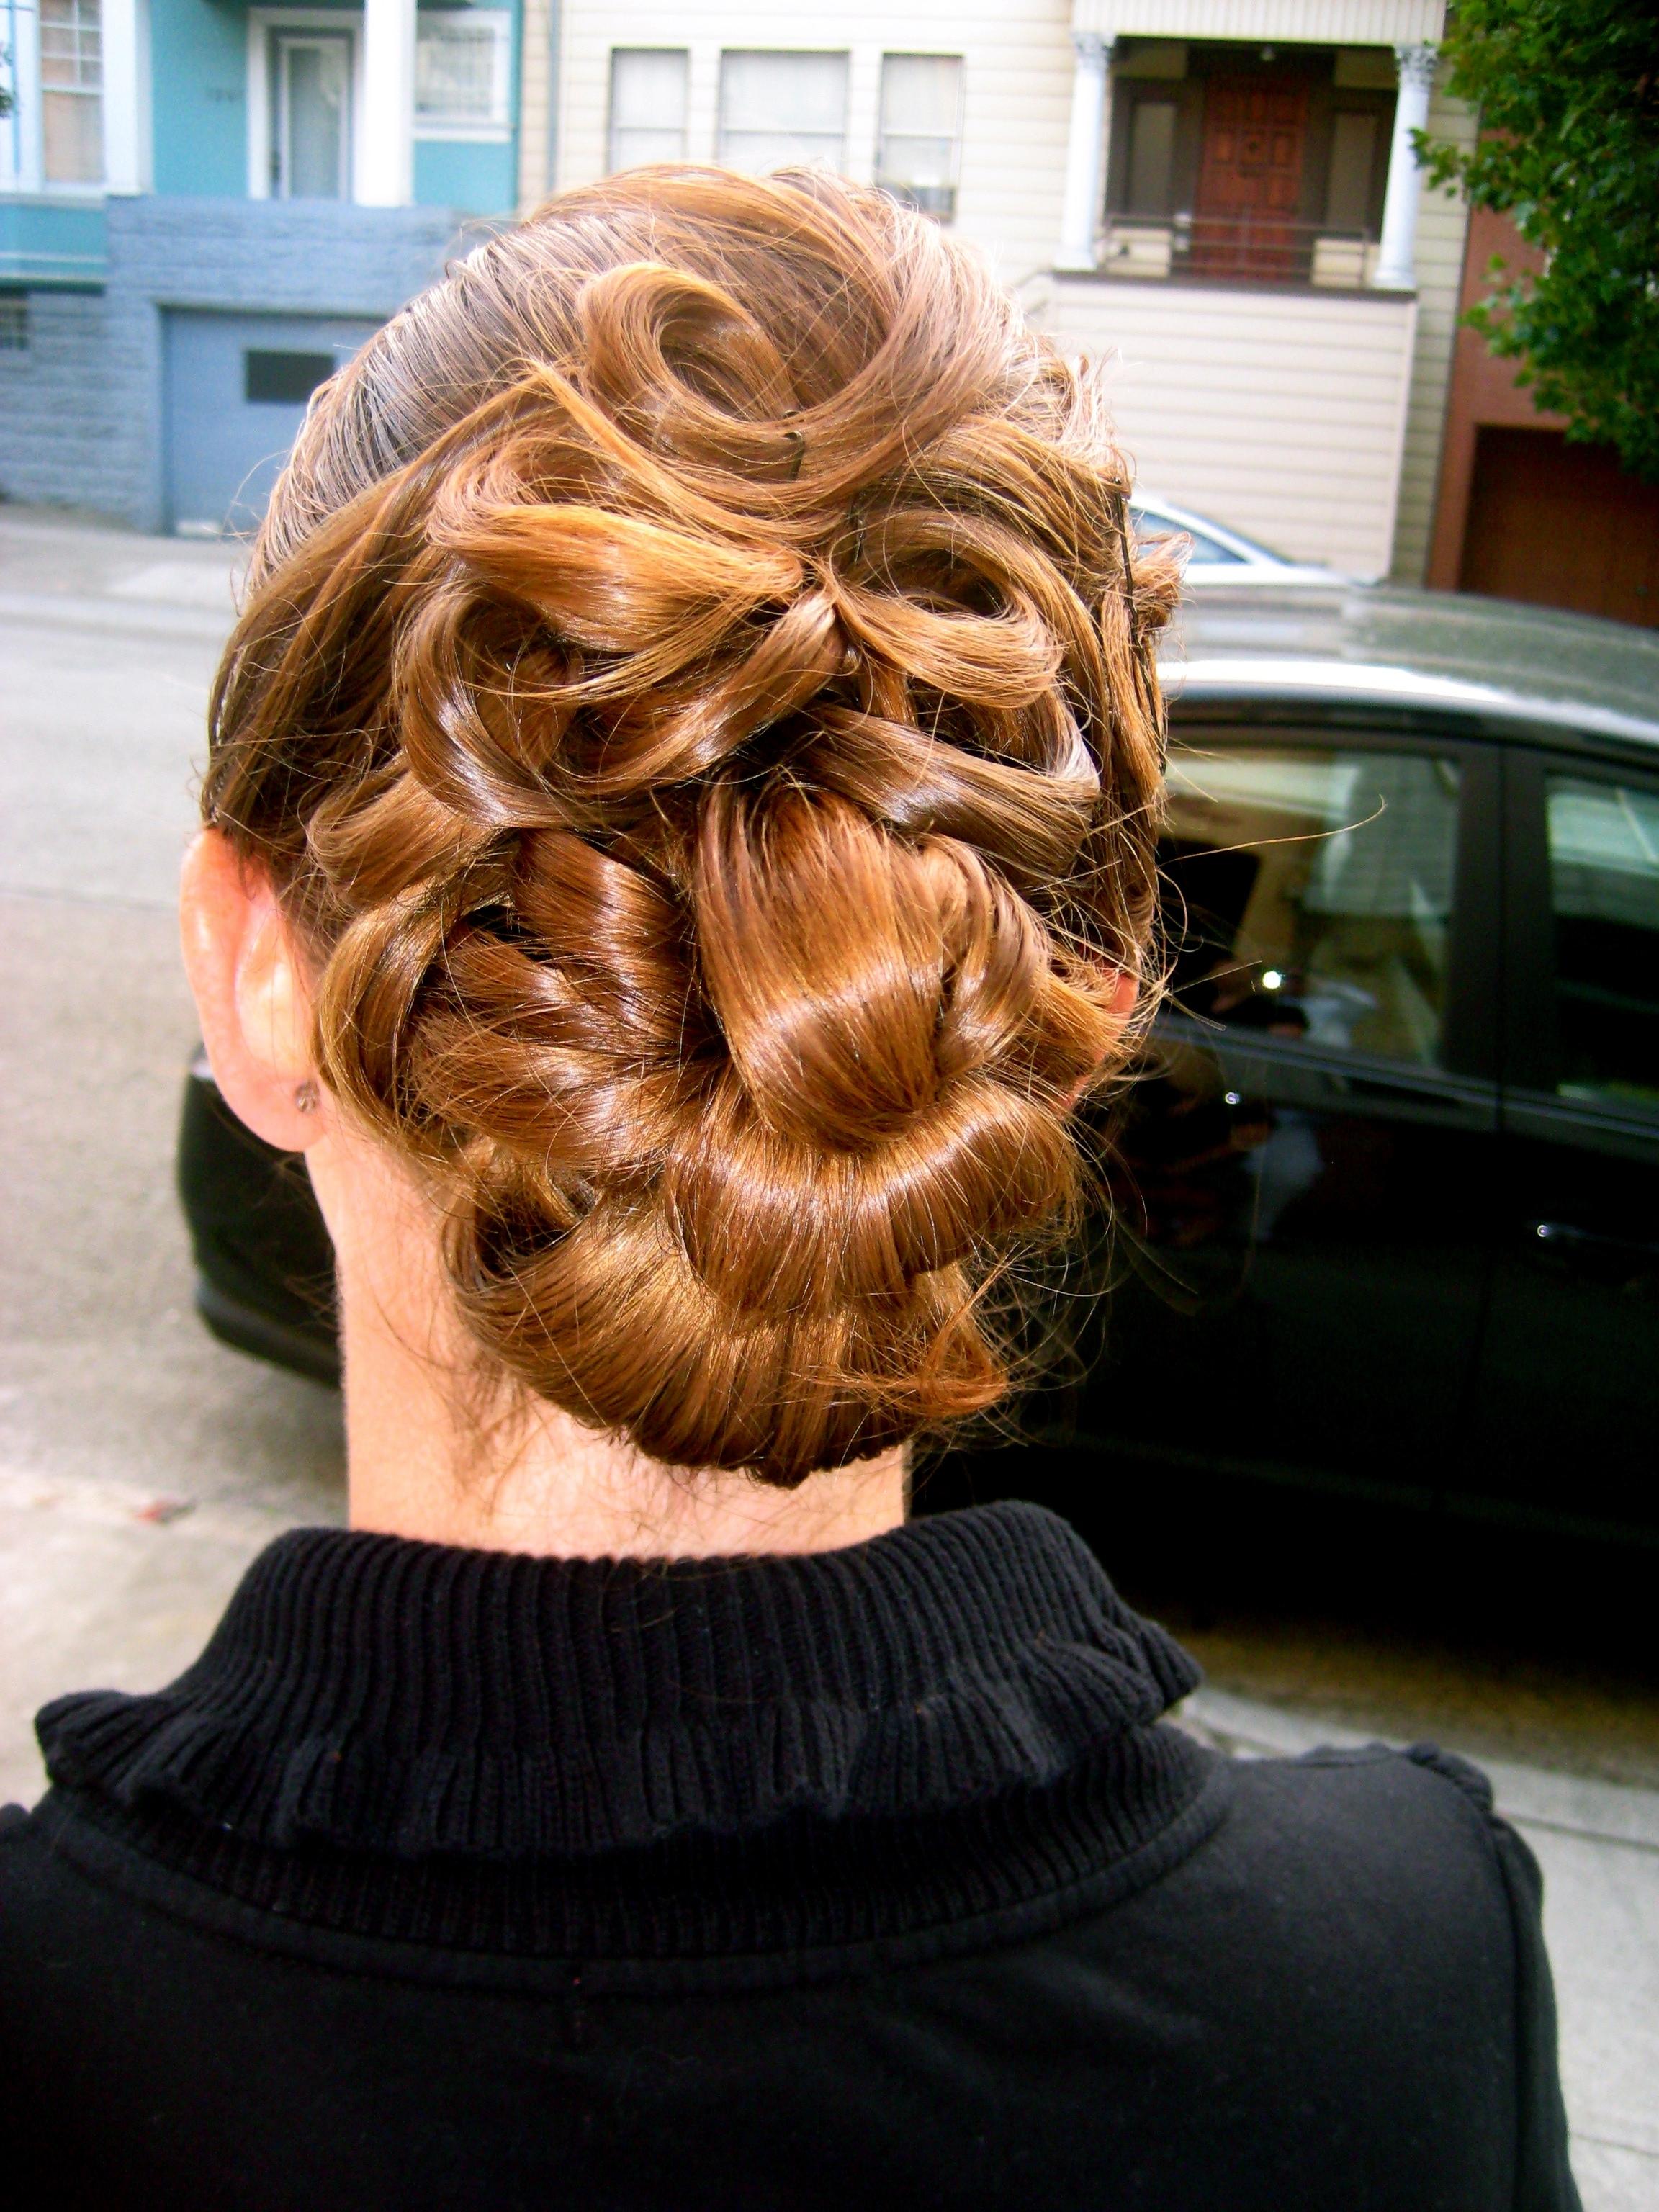 Updo, Elegant, Curls